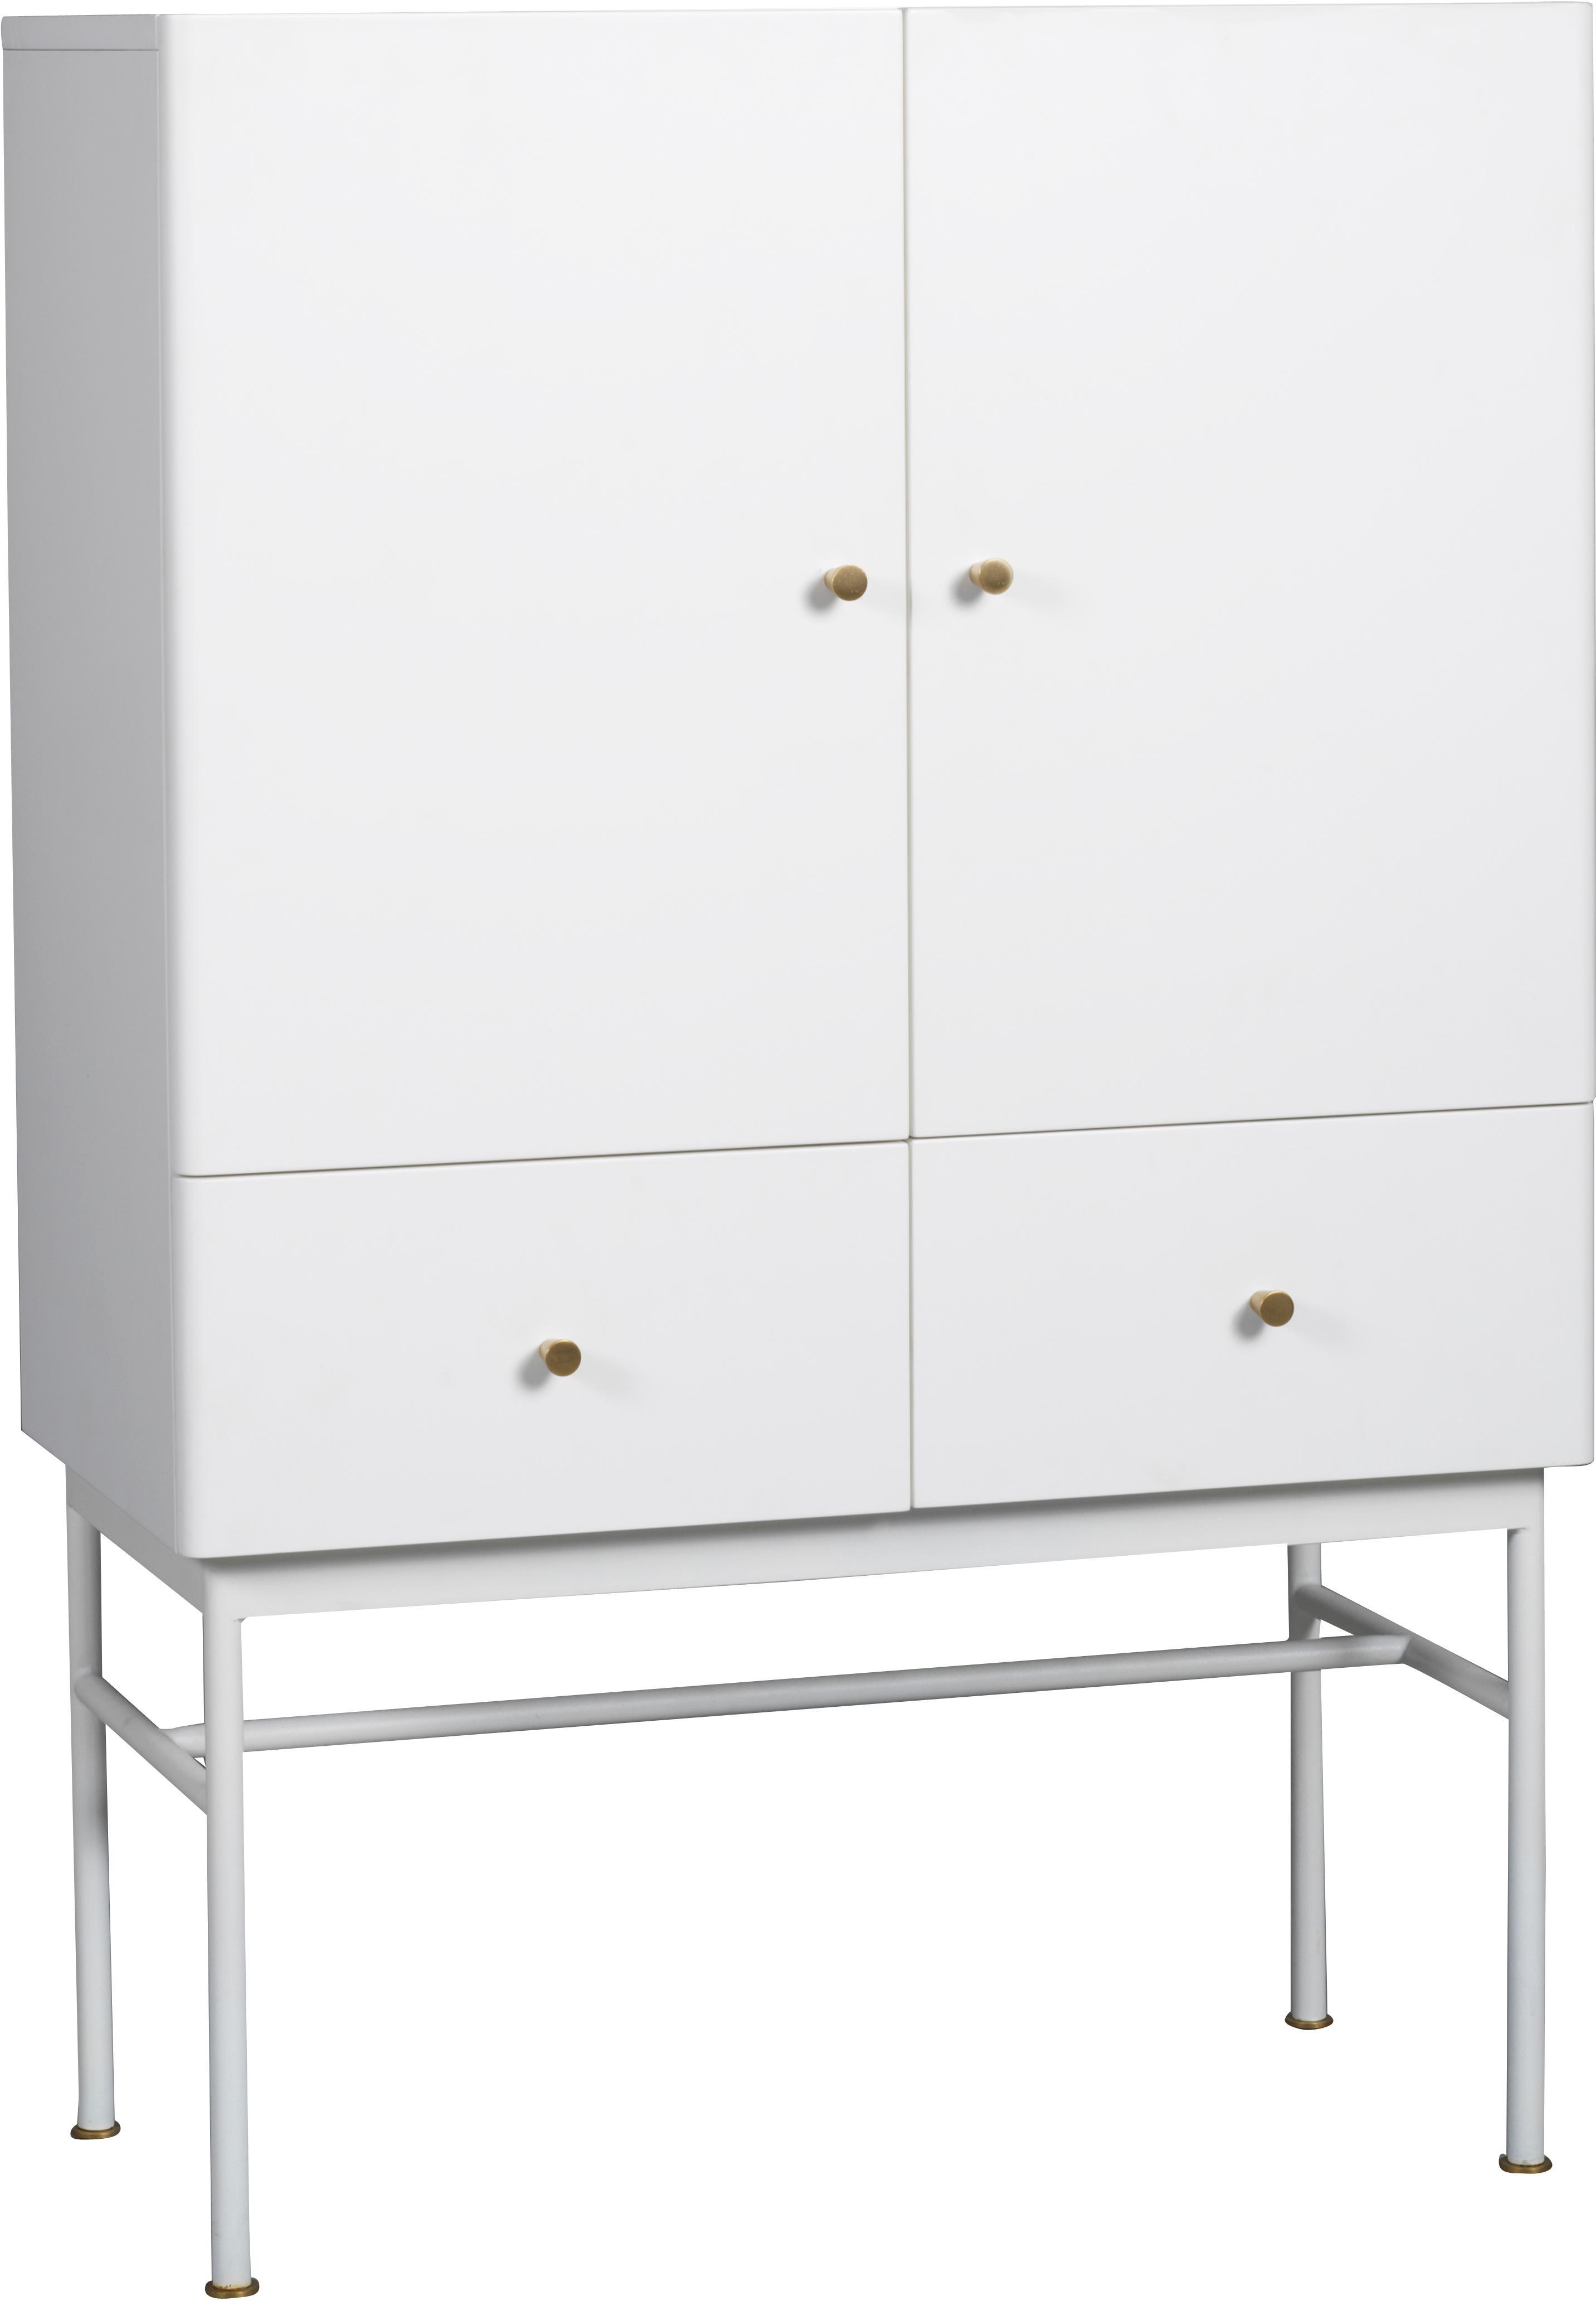 Wysoka komoda z szufladami i drzwiczkami Glendale, Korpus: płyta pilśniowa średniej , Drewno dębowe, biały, S 80 x W 120 cm